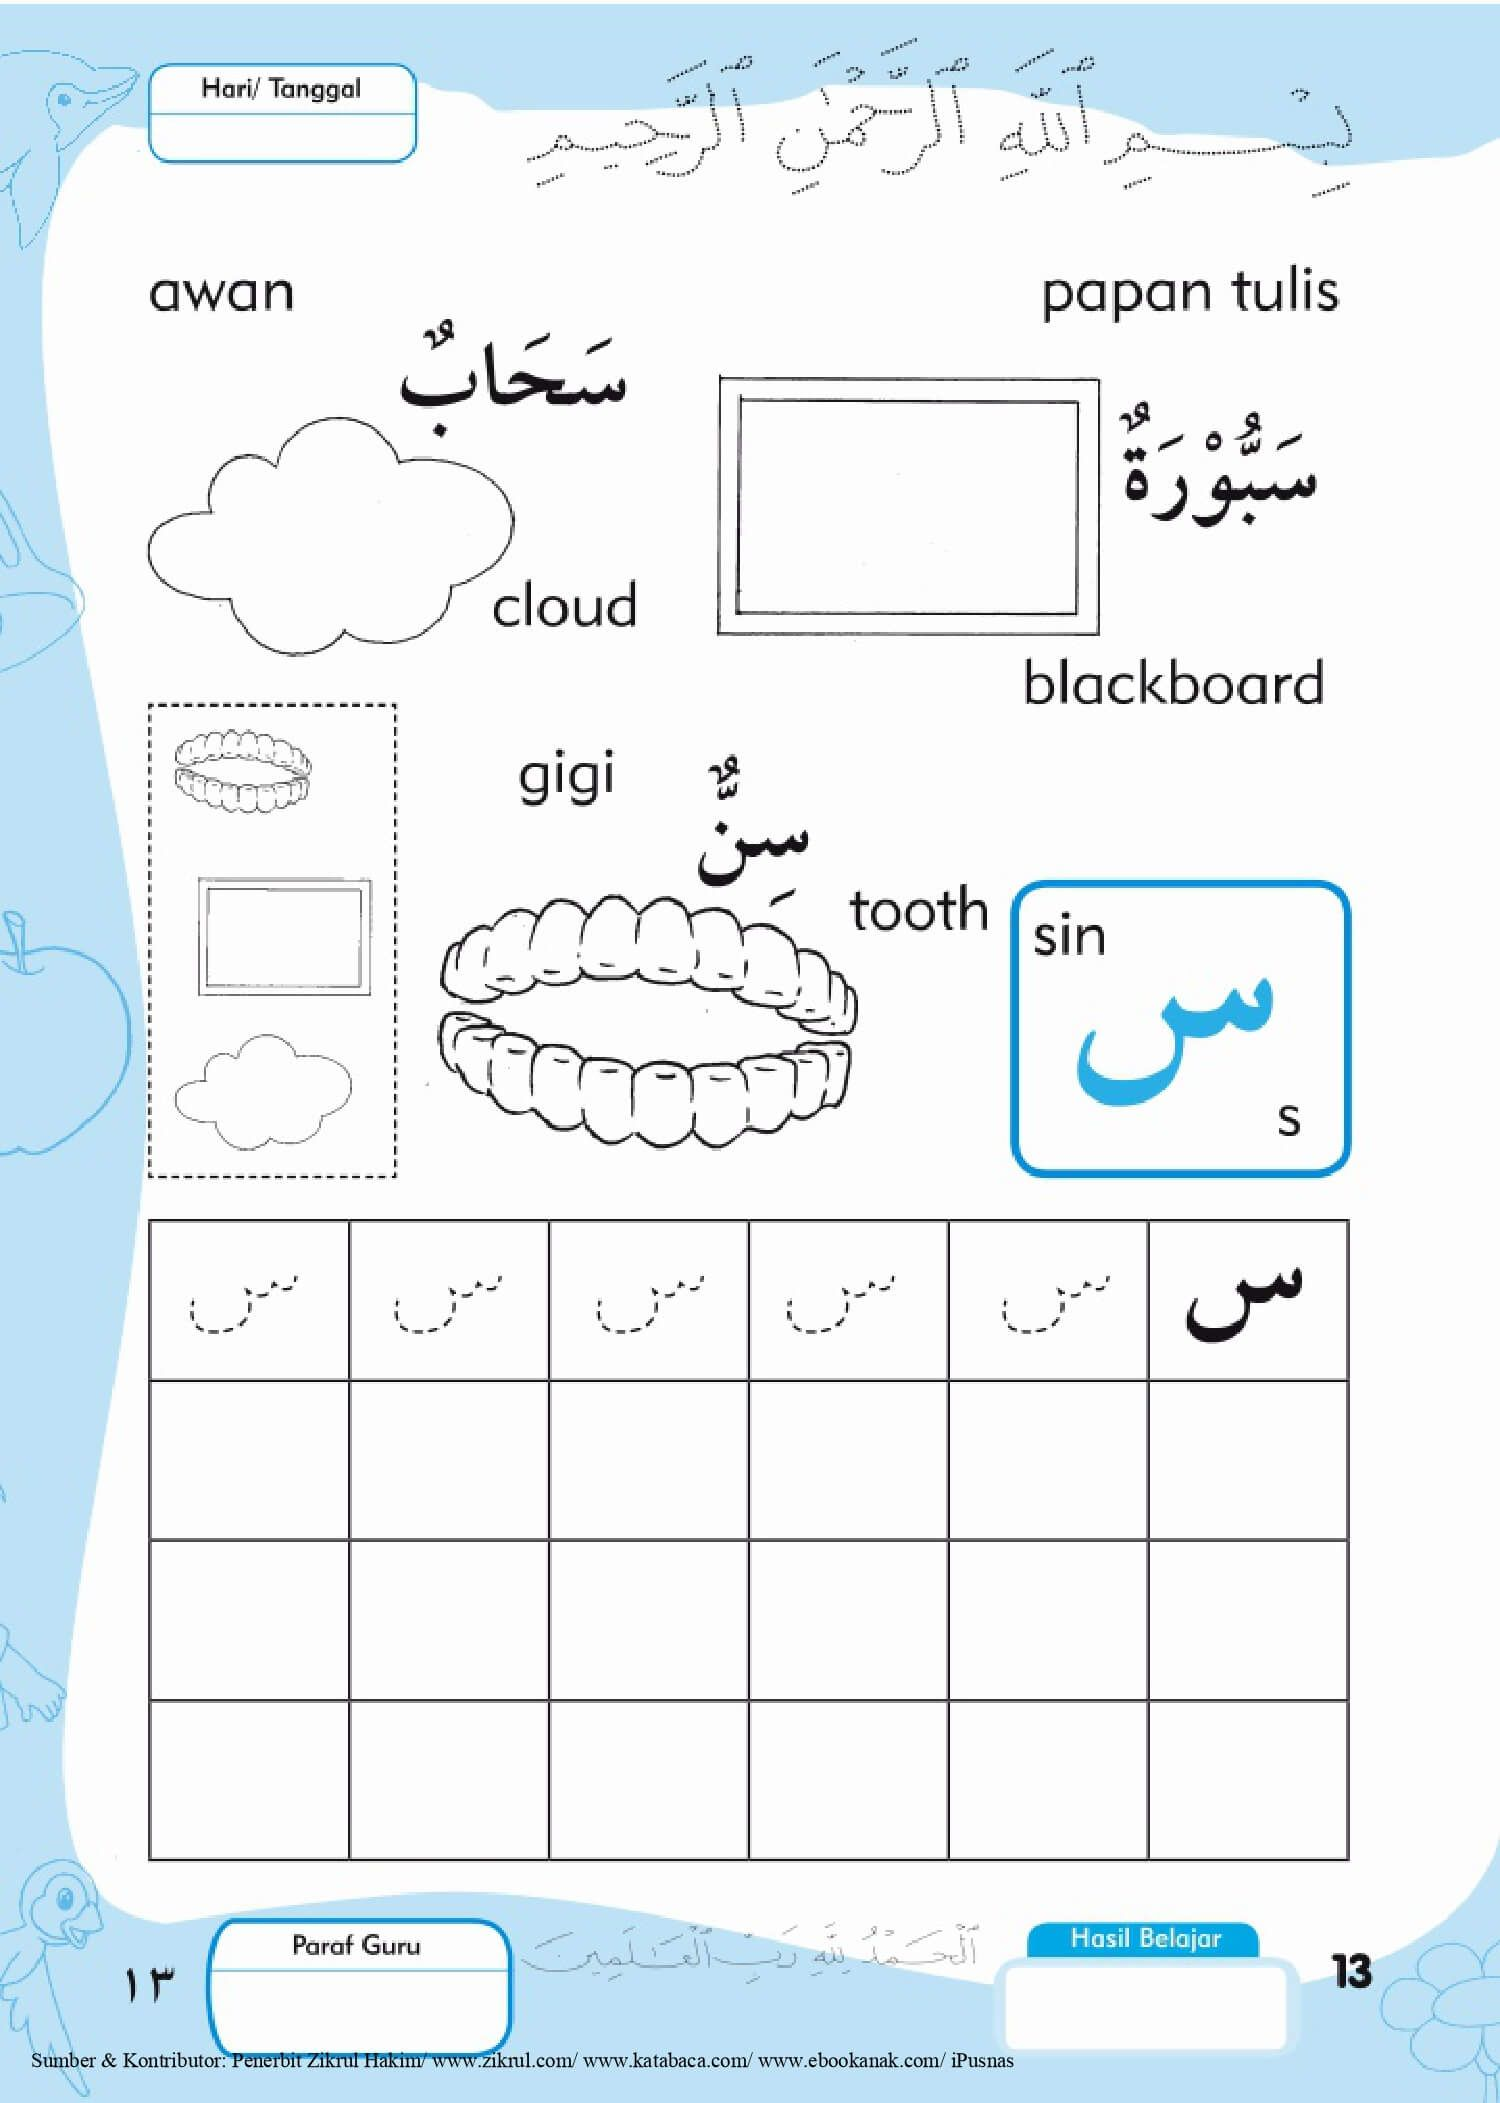 Belajar Menulis Huruf Hijaiyah Untuk Anak Tk Pdf Cara Golden